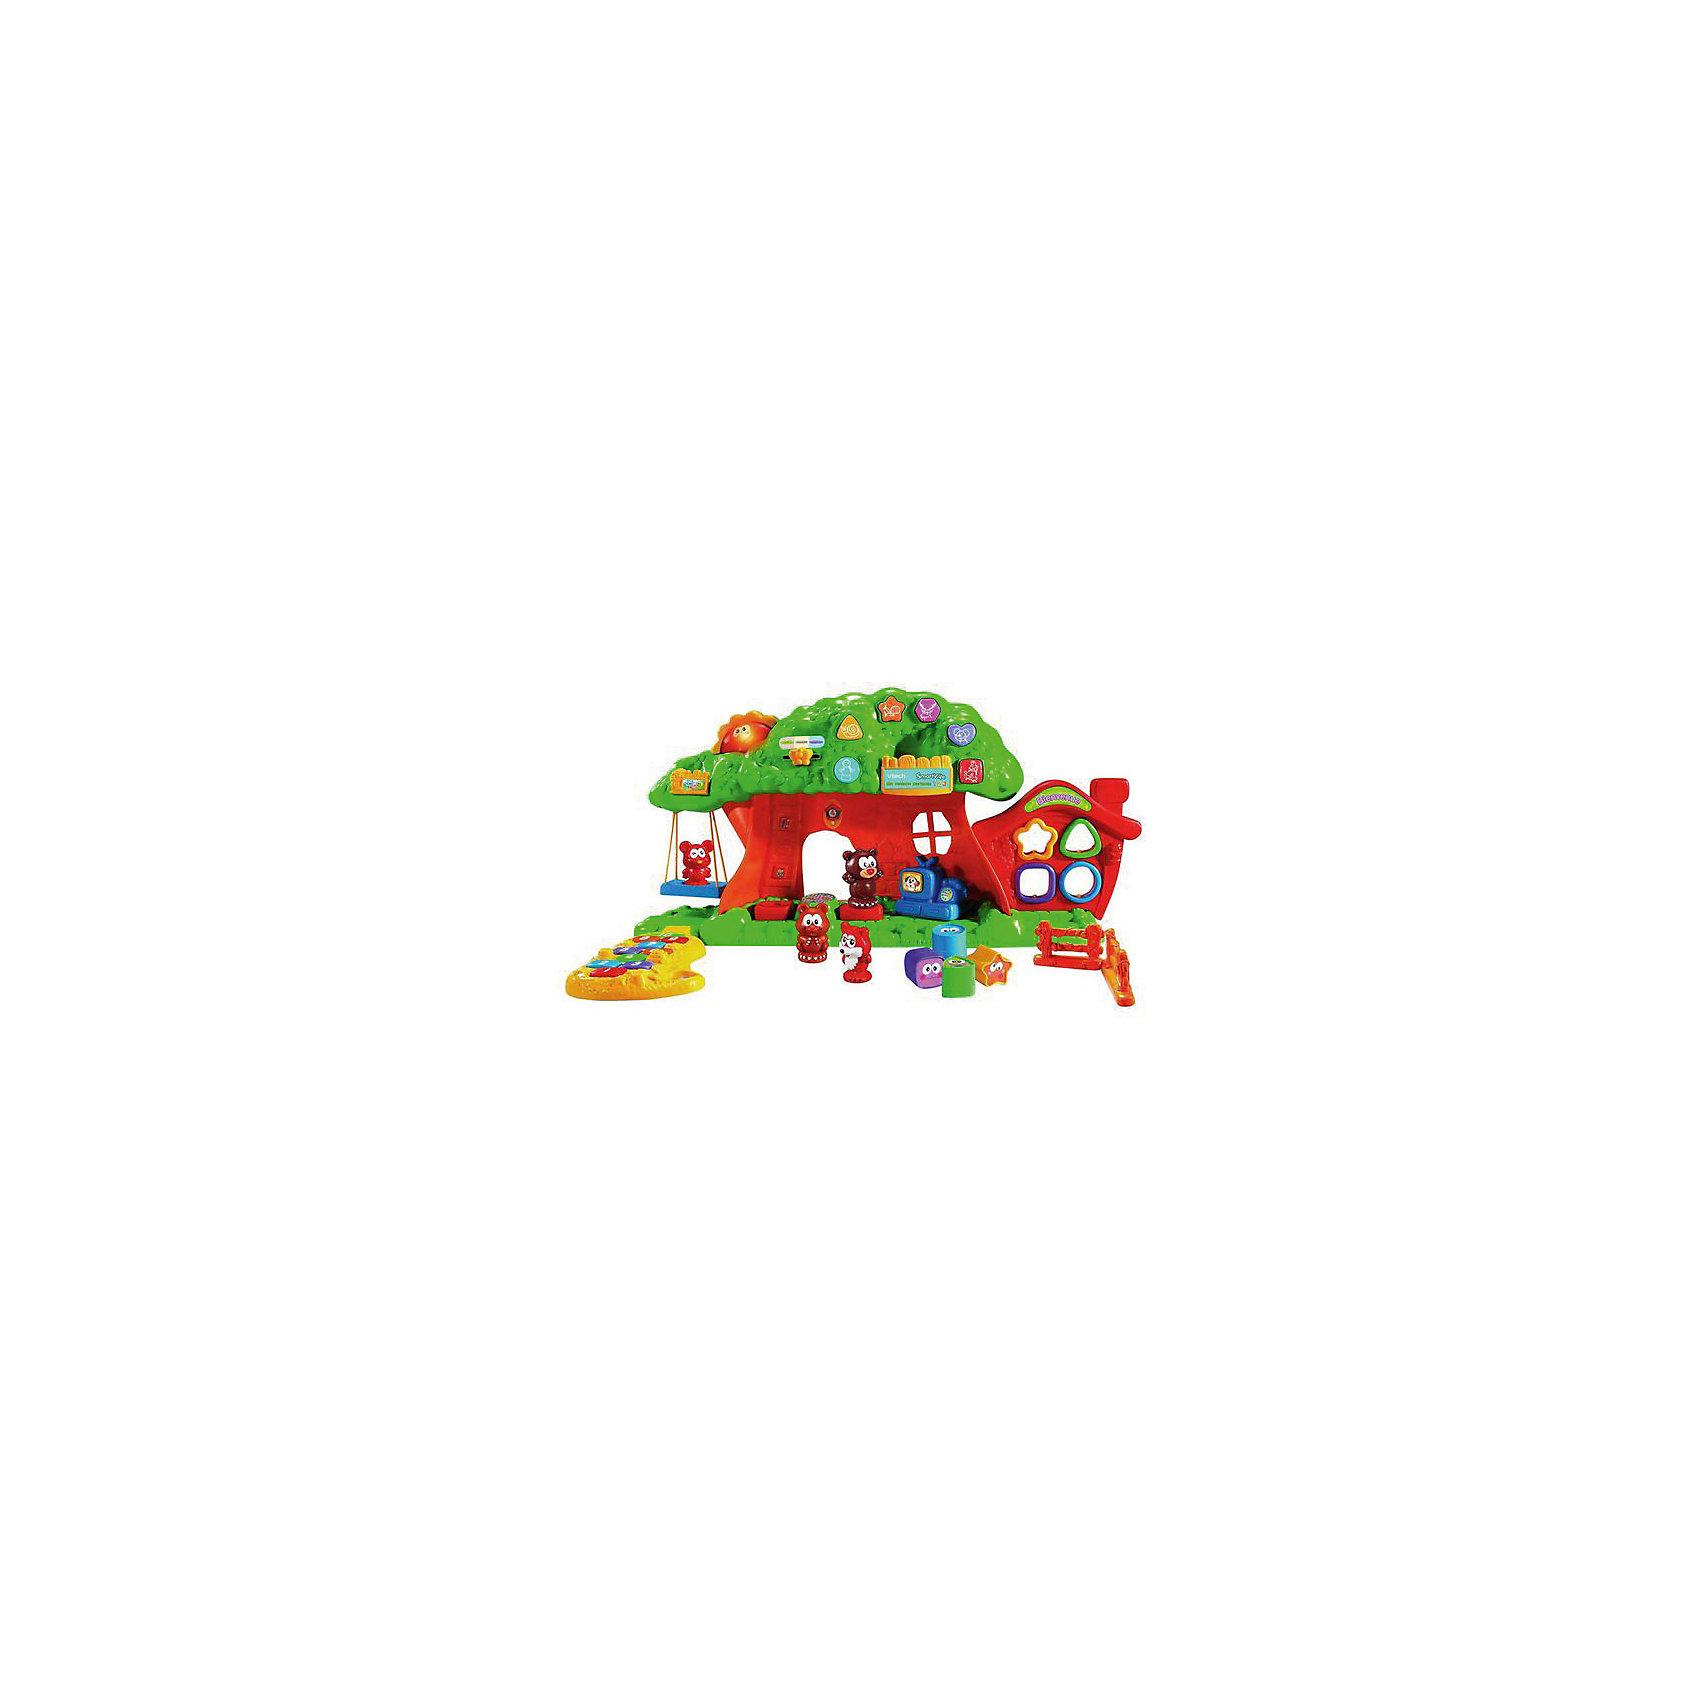 Веселый зоосад, VtechИнтерактивные игрушки для девочек<br>Характеристики:<br><br>• Материал: пластик <br>• Комплектация: платформа-подставка, дерево, домик-сортер, 4 фигурки животных, 4 фигурки для сортера, 2 детали забора<br>• Наличие 8 обучающих программ<br>• Наличие звуковых эффектов<br>• Световые эффекты<br>• 2 режима игры<br>• Отсутствие острых углов<br>• Подвижные качели<br>• Батарейки: 3 шт. типа АА (предусмотрены в комплекте)<br>• Размер упаковки (Д*Ш*В): 31*13*43 см<br>• Вес: 1 кг 280 г<br>• Подарочная упаковка<br>• Особенности ухода: допускается сухая и влажная чистка<br><br>Веселый зоосад, Vtech – это многофункциональная интерактивная игрушка от французского производителя, который является мировым лидером по выпуску электронных обучающих устройств и игрушек. Набор для игры состоит из платформы-основания, на котором расположено дерево с раскидистой кроной, домик-сортер, элементы забора и панель с кнопками-переключателями. Дополнительно предусмотрены 4 фигурки животных и 4 фигурки для сортера. Игрушка имеет два варианта игры. <br><br>Веселый зоосад, Vtech можно купить в нашем интернет-магазине.<br><br>Ширина мм: 610<br>Глубина мм: 33<br>Высота мм: 148<br>Вес г: 1370<br>Возраст от месяцев: 12<br>Возраст до месяцев: 60<br>Пол: Унисекс<br>Возраст: Детский<br>SKU: 5471074